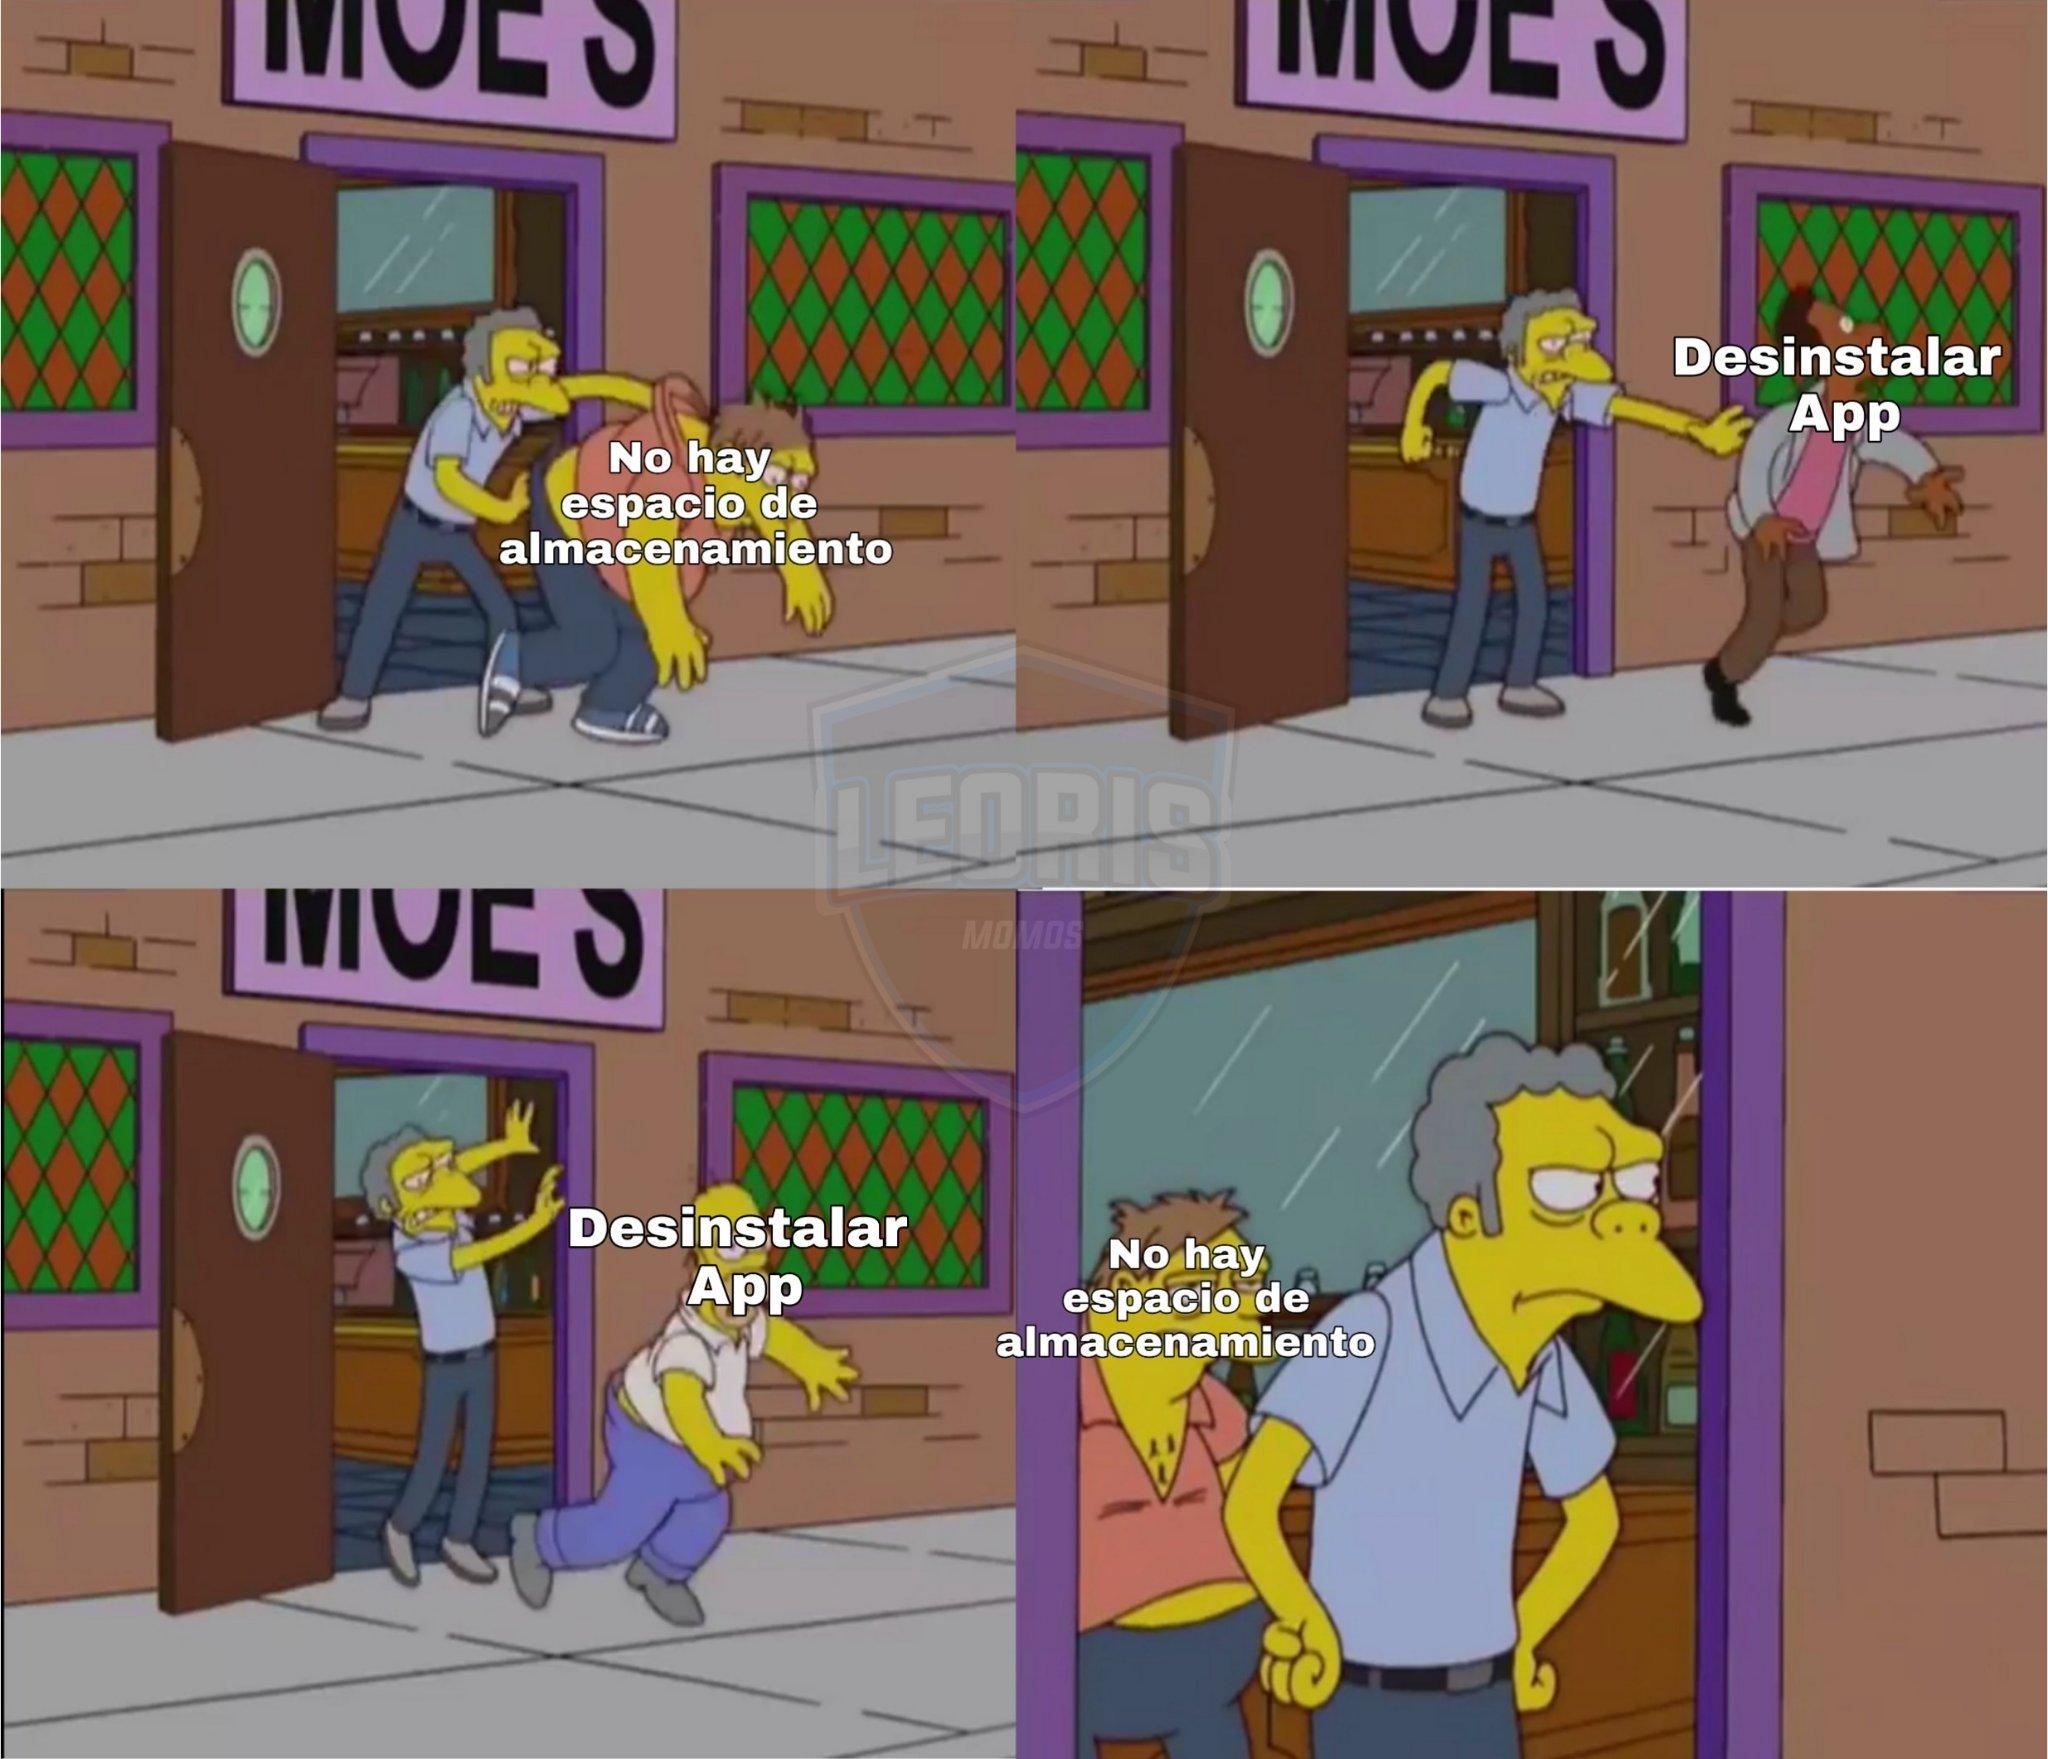 P*to celular - meme